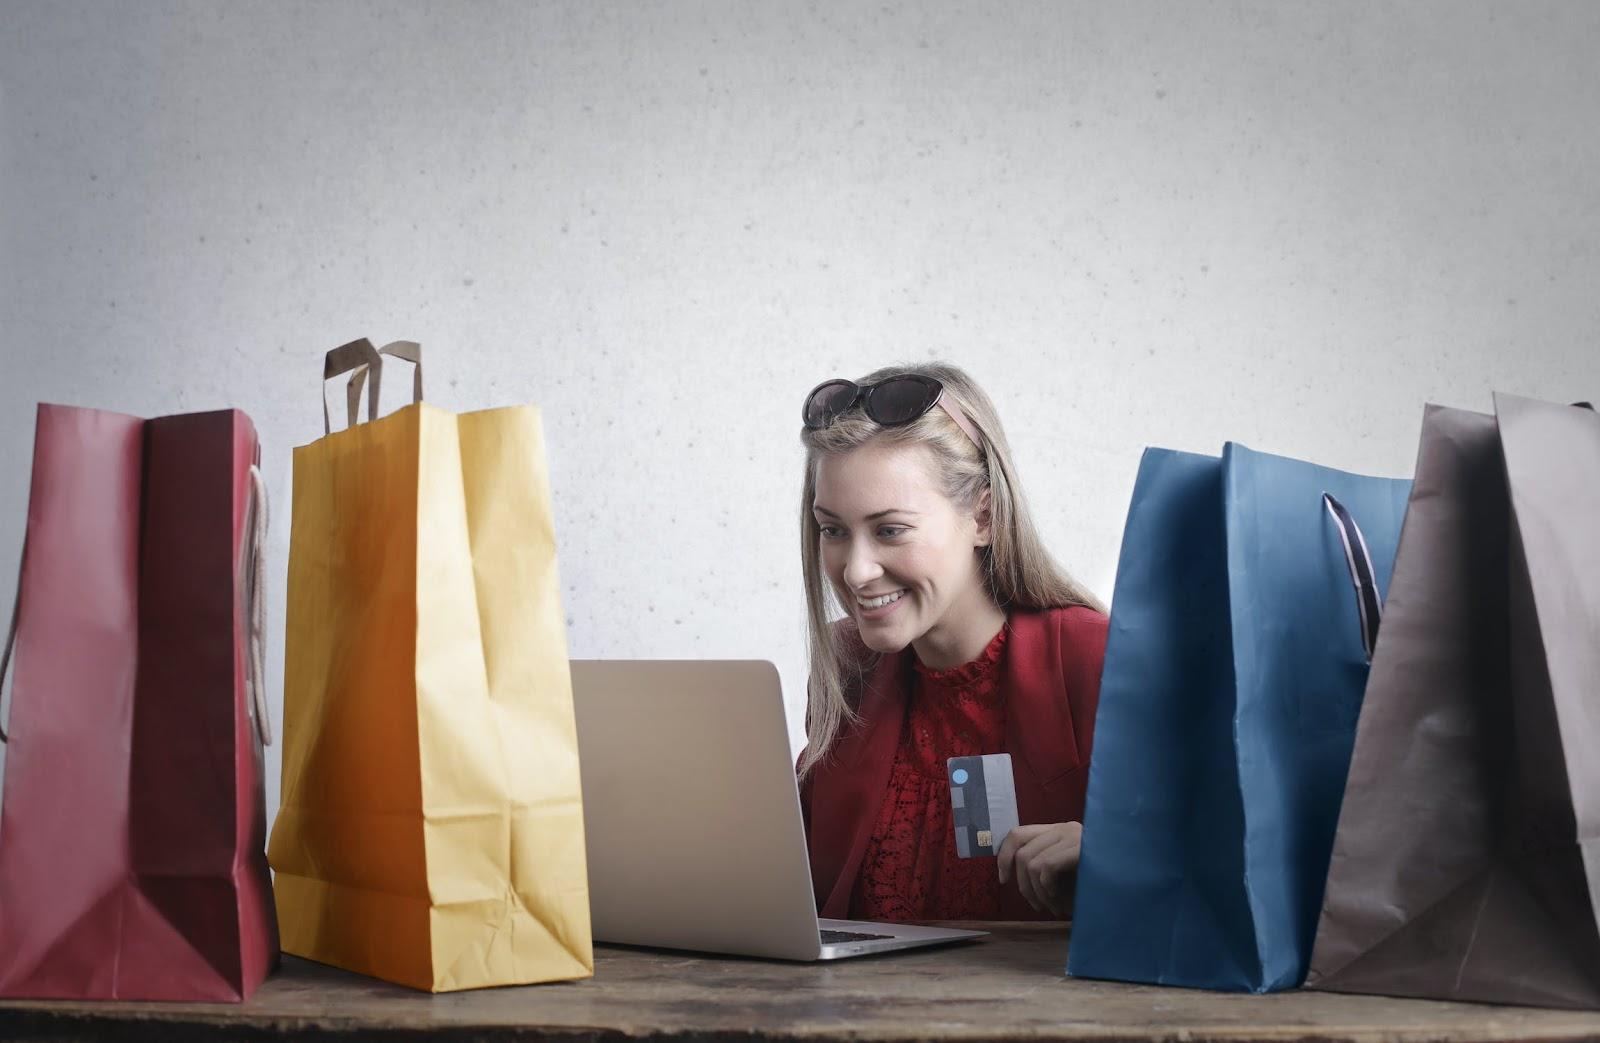 Mulher fazendo compras online, cercada de sacolas de outras compras.